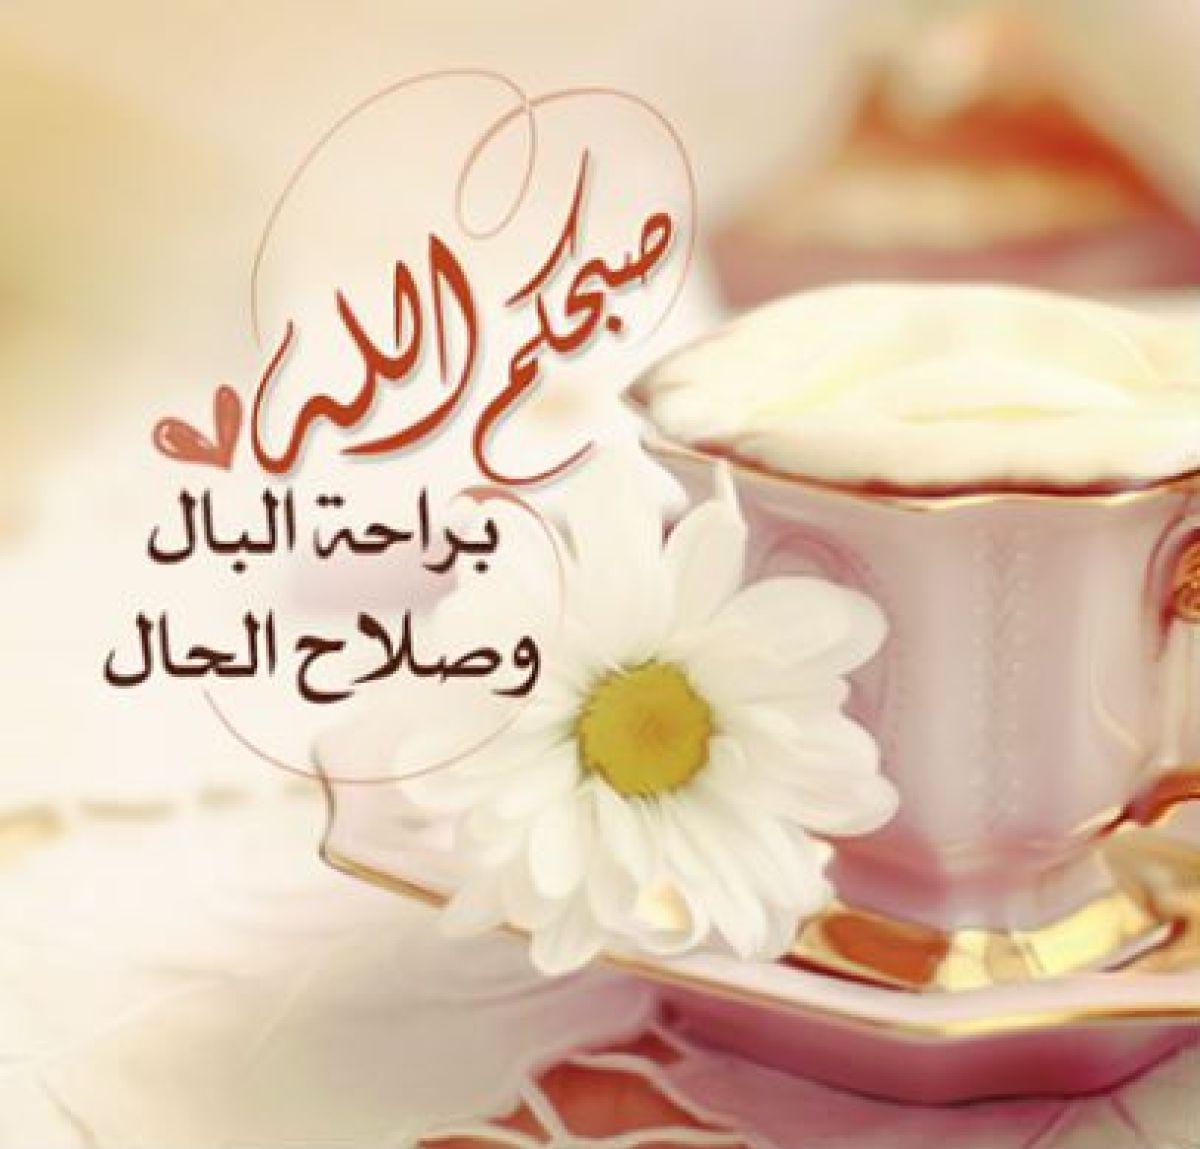 مسجات صباح النور والسرور على حبيبي الغالي أروع الرسائل الرومانسية الصباحية